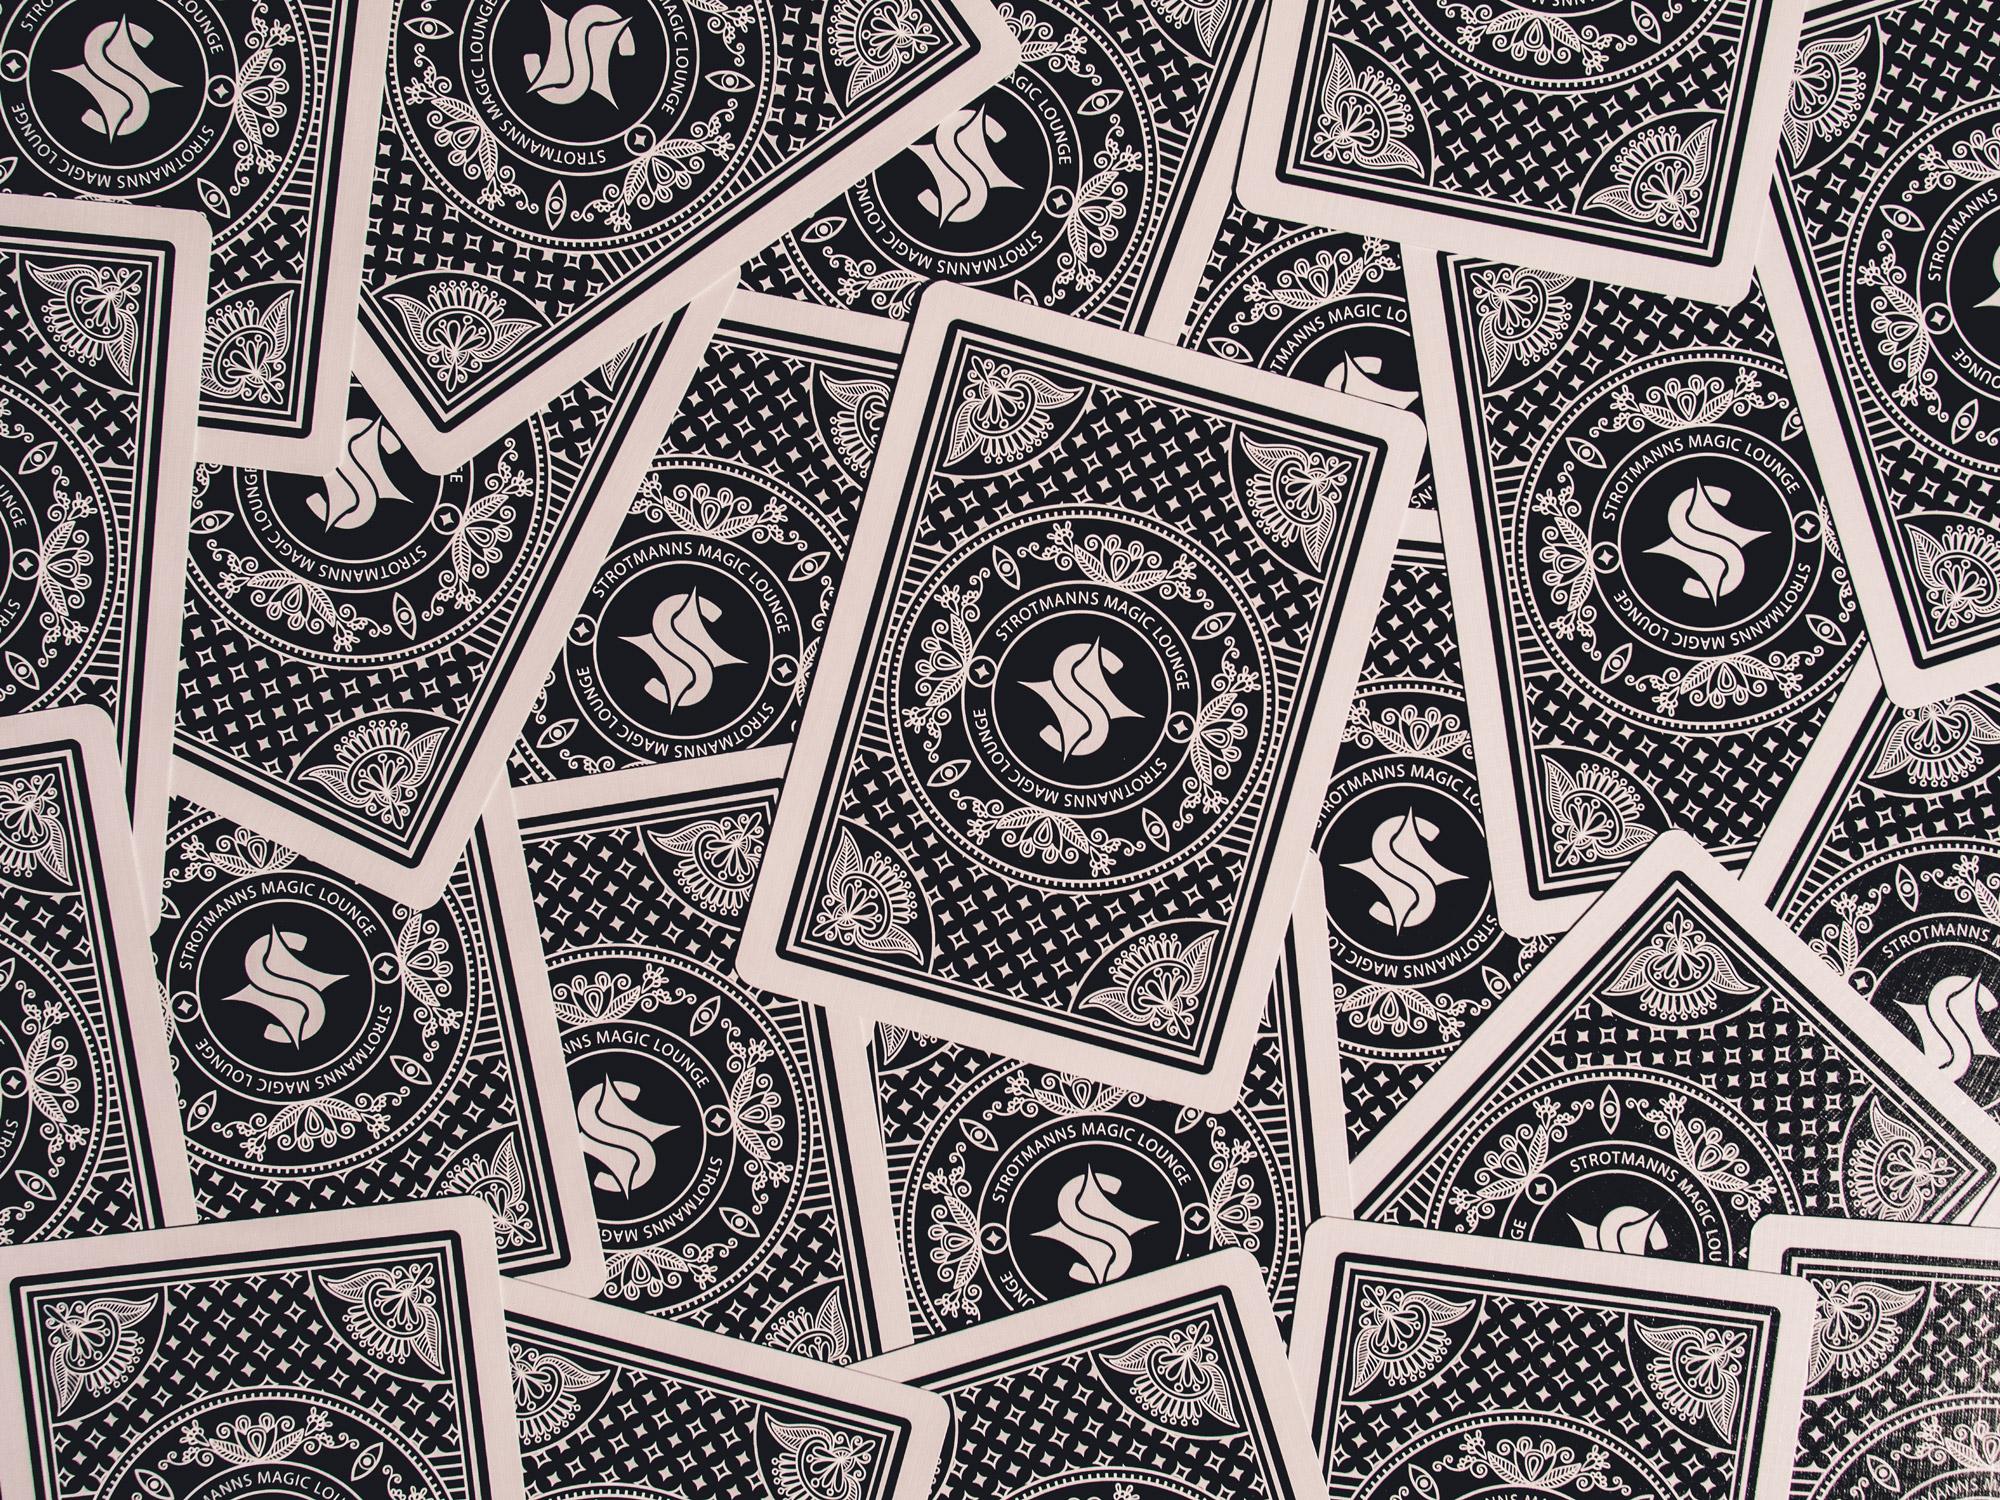 Man sieht viele Rückseiten von Spielkarten der Strotmanns Magic Lounge. Die Karten überlappen sich. Das Rückseiten-Muster ist gestalterisch an klassische amerikanische Poker-Playingcards angelehnt. Das Design ist von MAJORMAJOR.